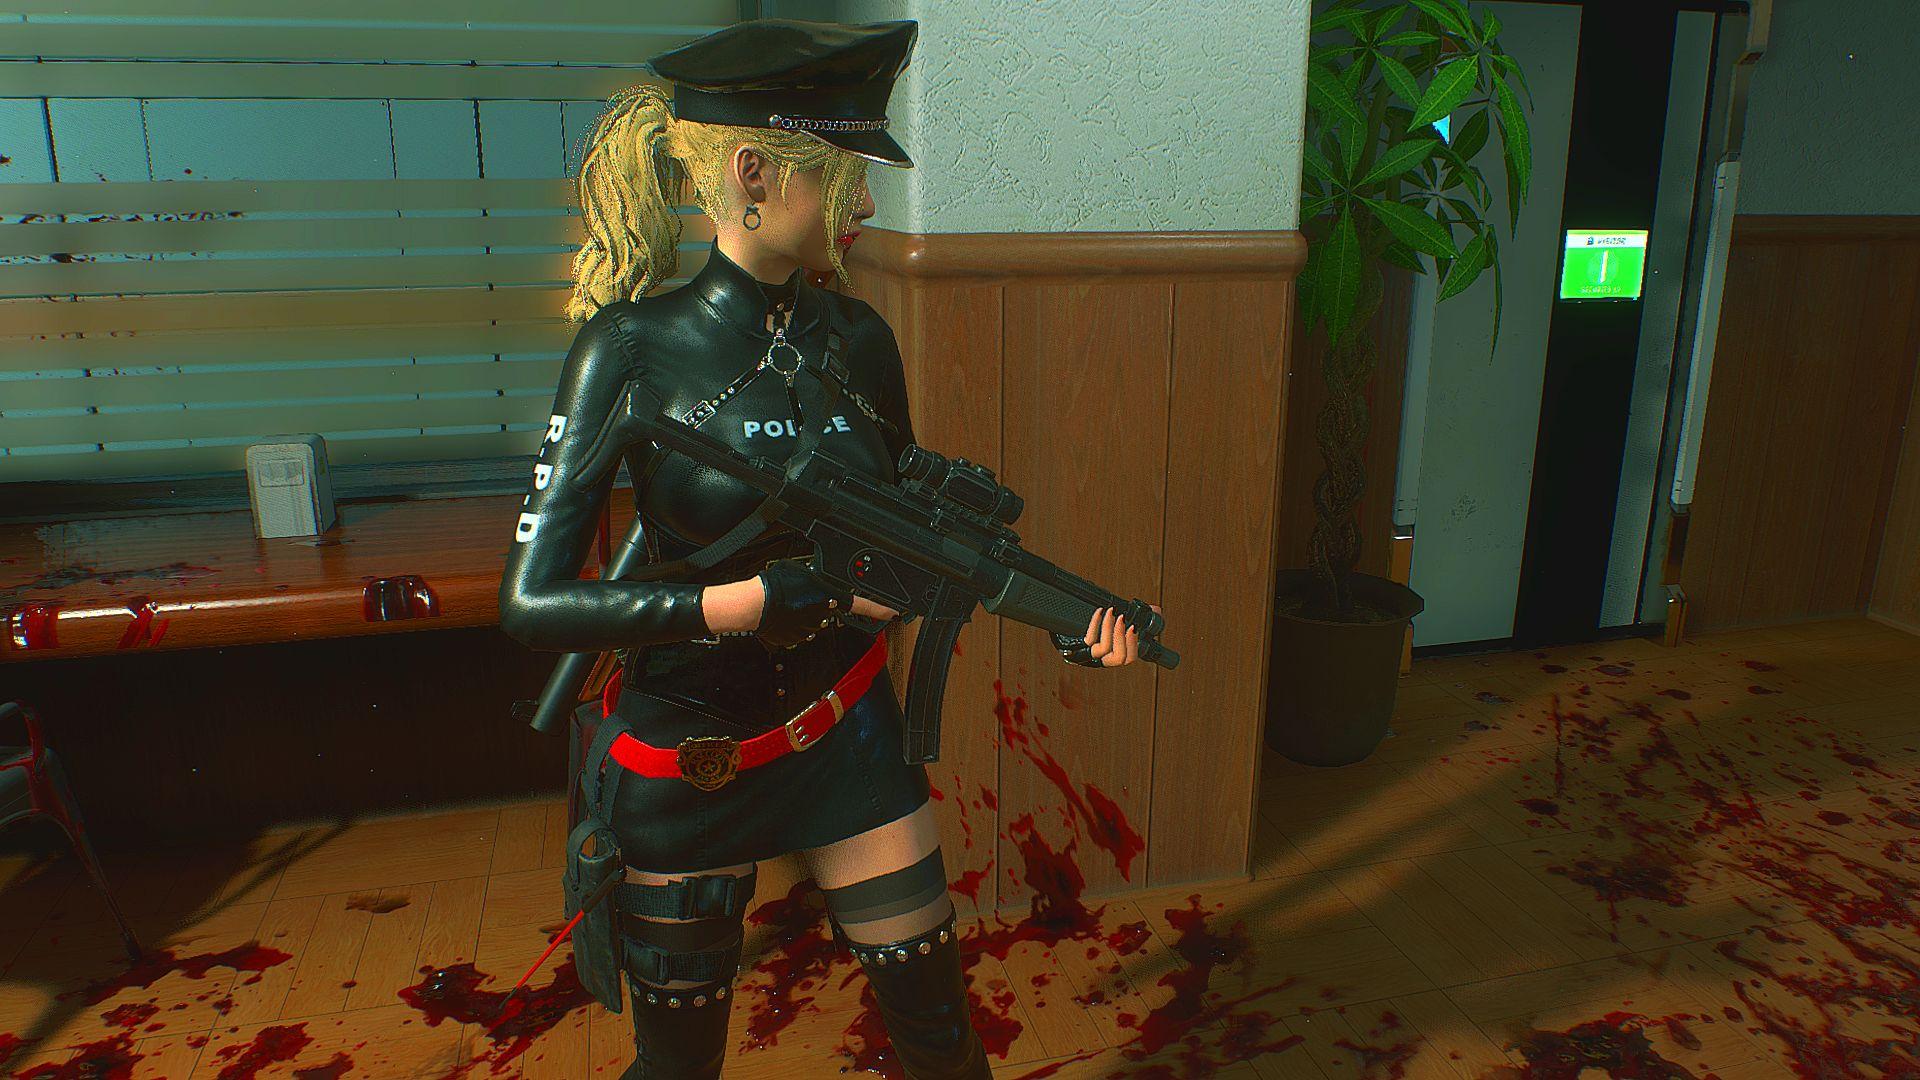 000142.Jpg - Resident Evil 2